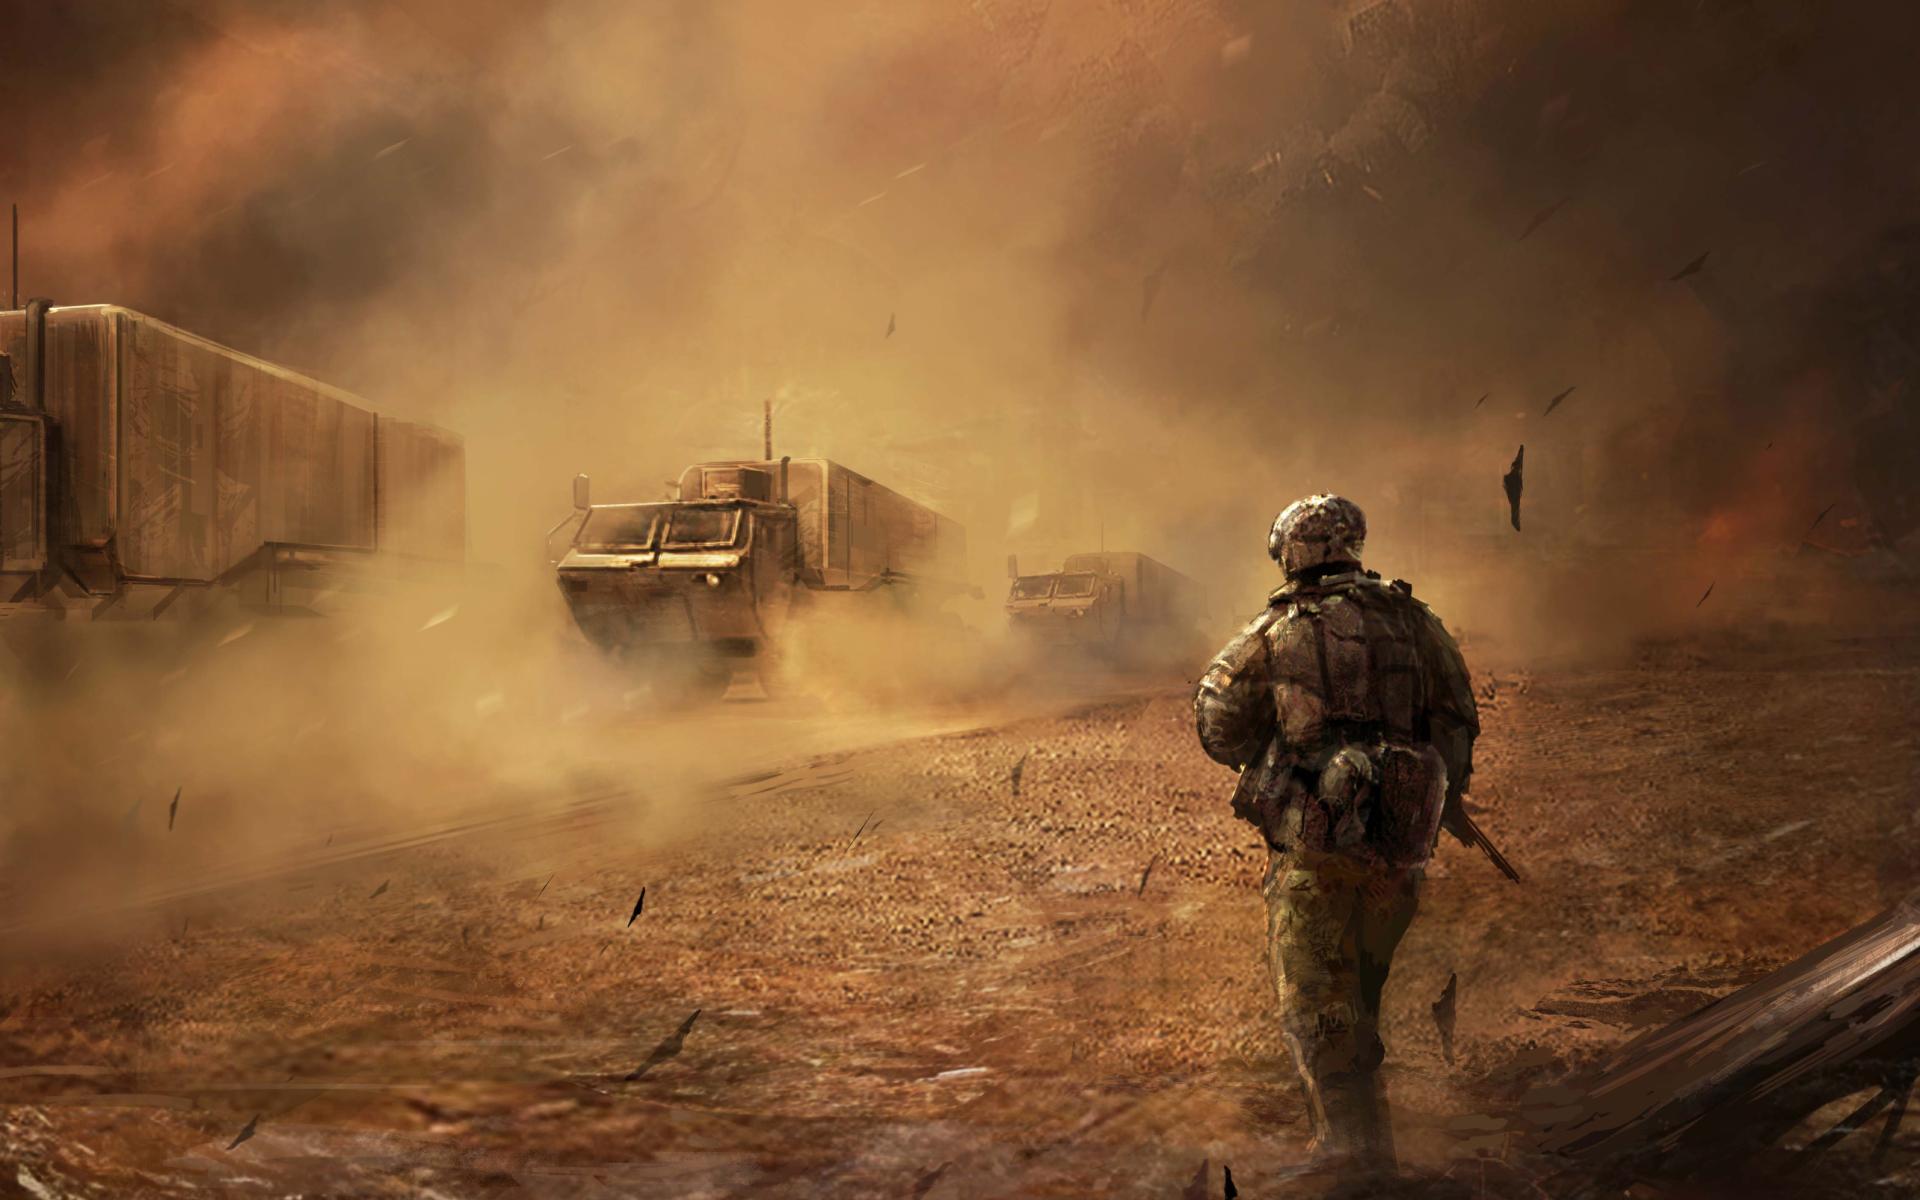 War In Desert Wallpaper For Widescreen Desktop PC